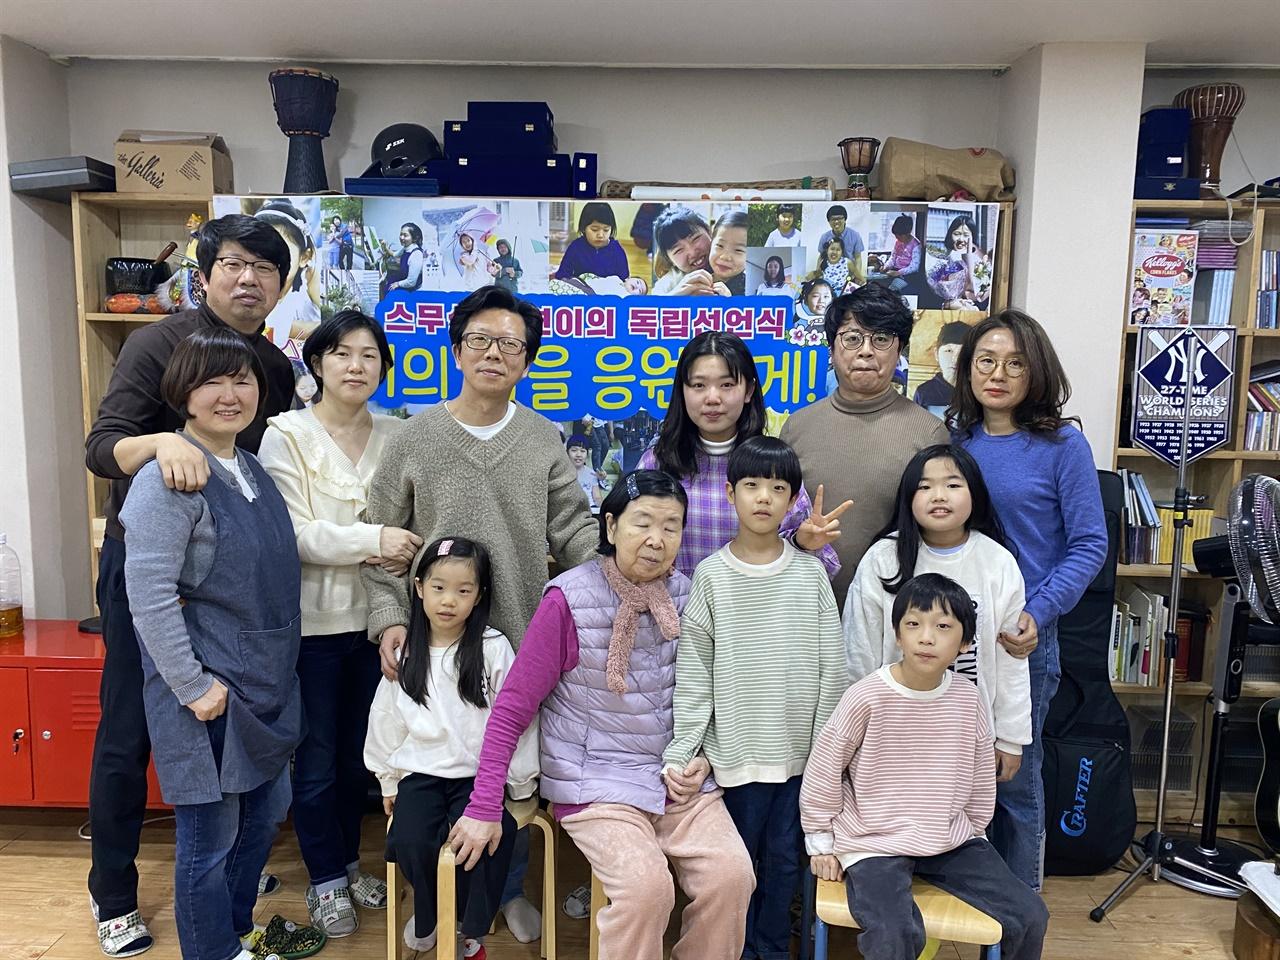 독립선언식 일가친척이 모인 가운데 스무살 딸 김다연씨가 독립선언을 하고 있다.